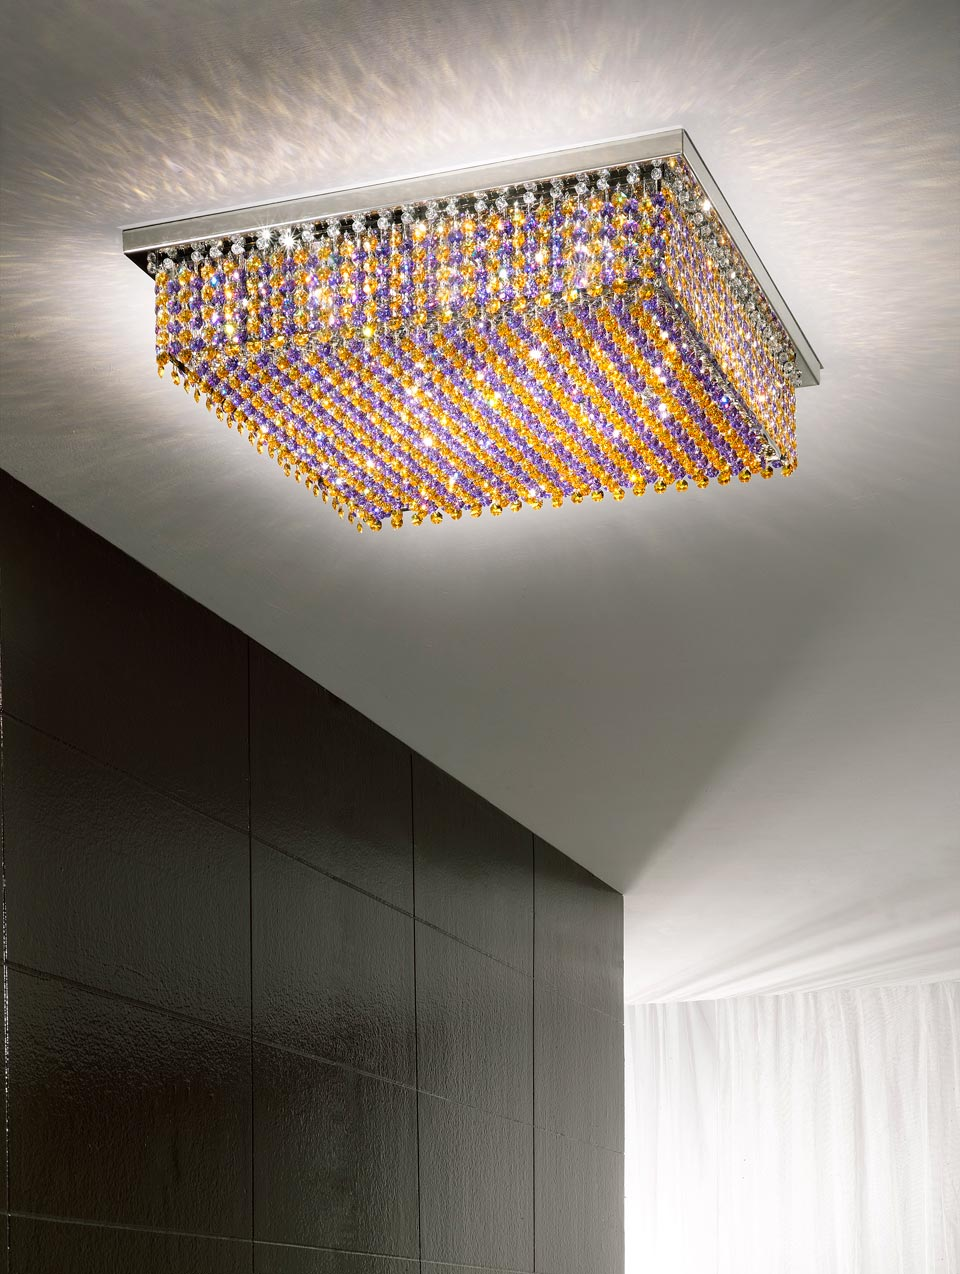 plafonnier bleu et jaune aurea masiero sp cialiste du. Black Bedroom Furniture Sets. Home Design Ideas